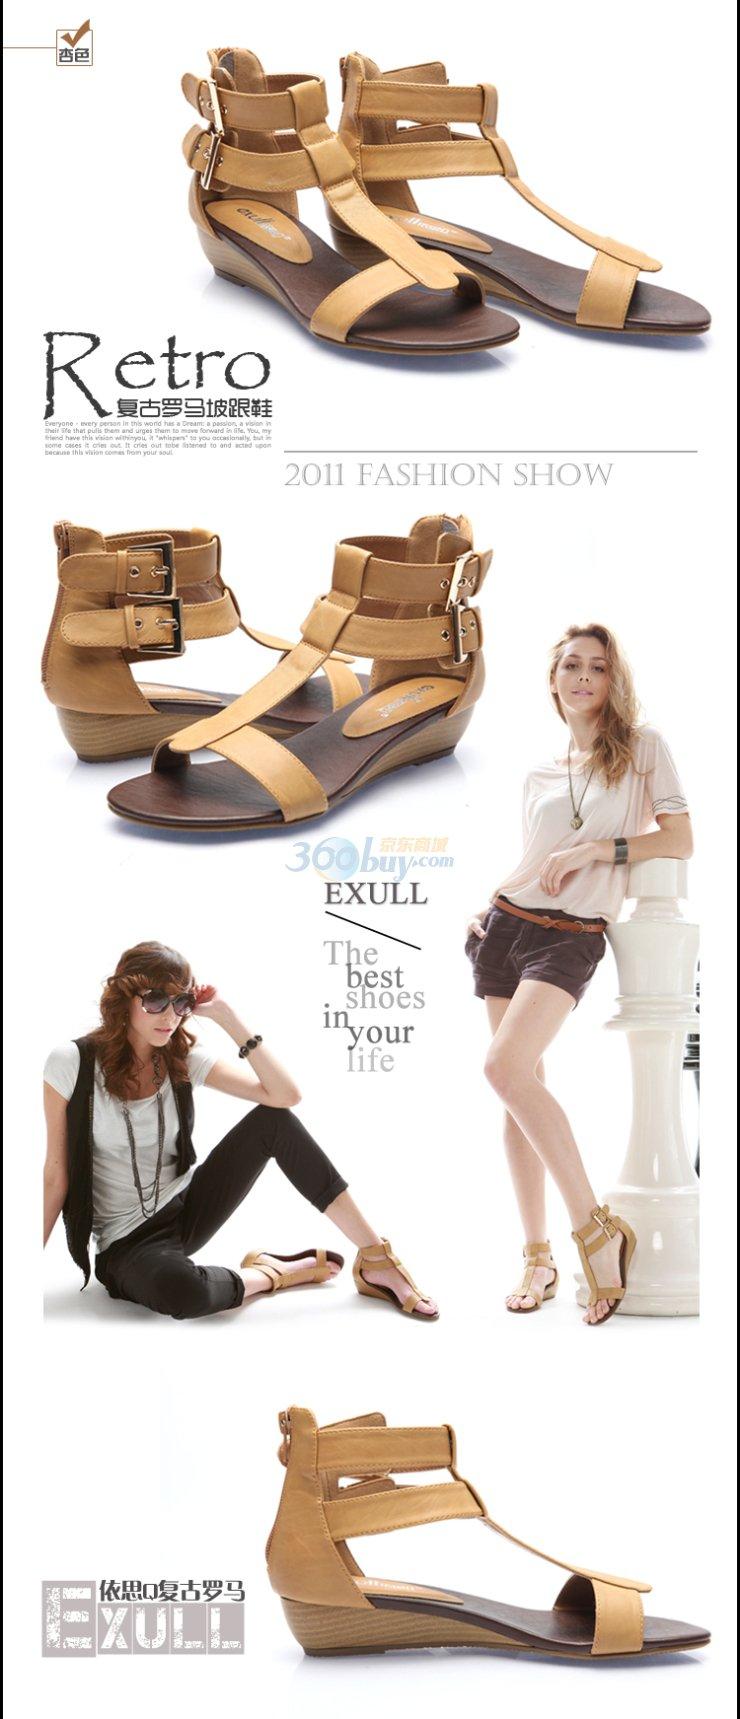 exull依思q 2011新款 罗马风格坡跟中跟女鞋凉鞋